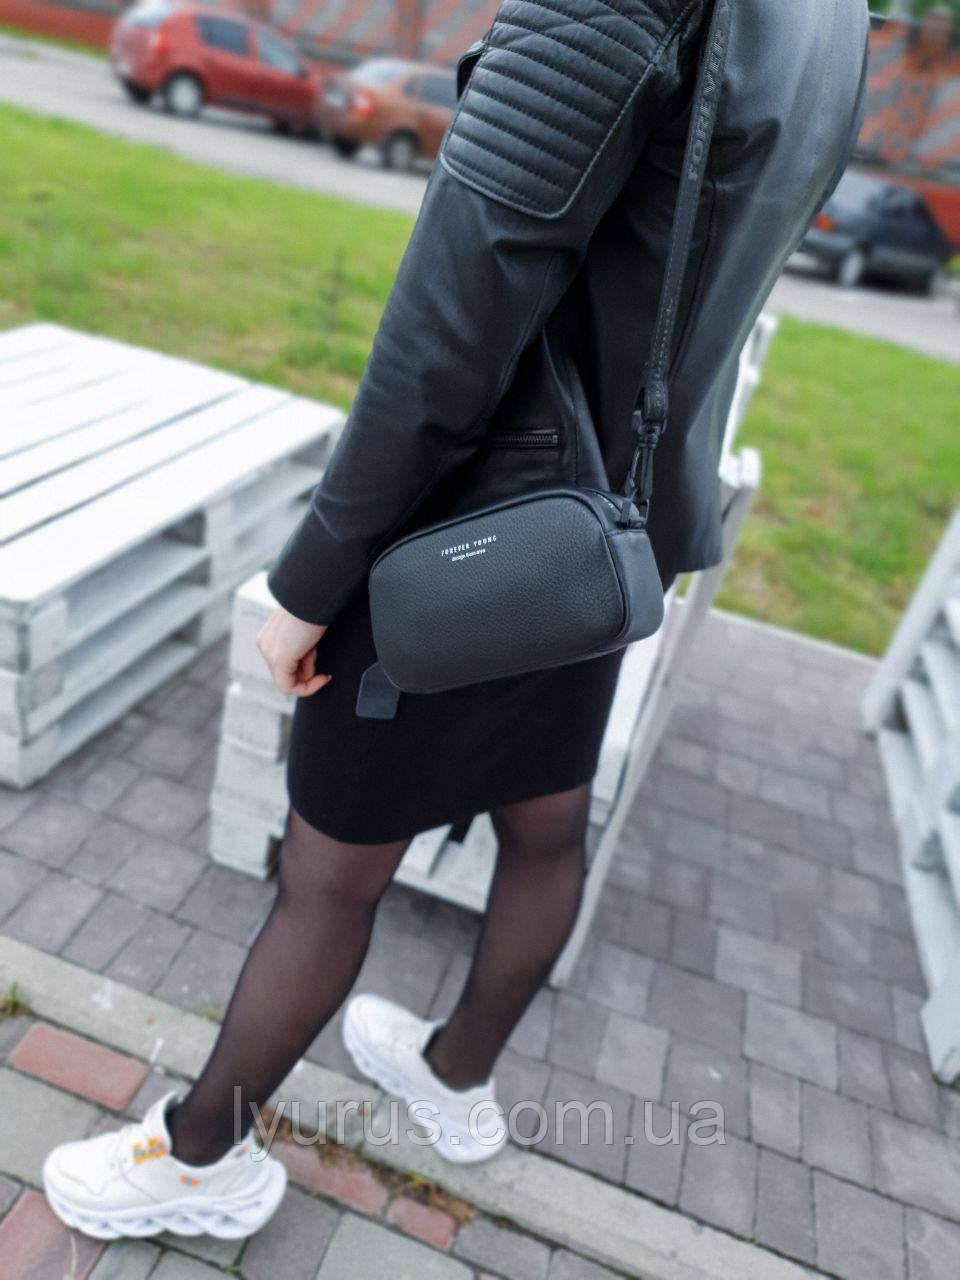 Женская кожаная сумка размером 22х12 см Черная (01100)